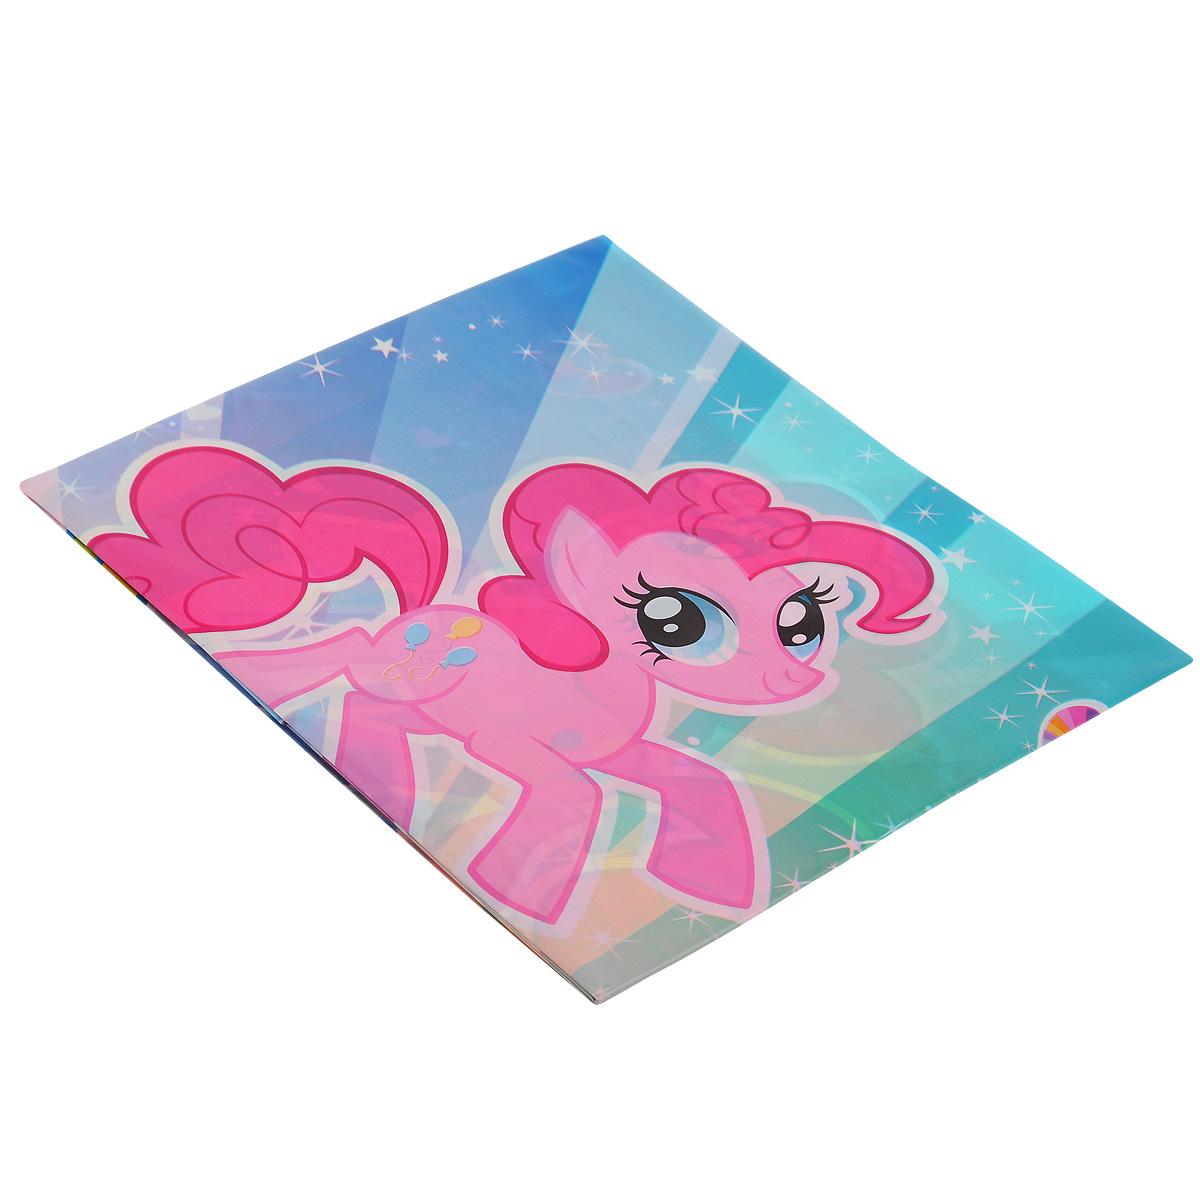 Скатерть My Little Pony, 140 см х 180 смVT-1520(SR)Праздничная скатерть My Little Pony выполнена из полиэтилена и оформлена ярким рисунком. Скатерть будет незаменима при пользовании в поездках на природу, пикниках и других мероприятиях. Преимущество этой скатерти в том, что ее можно утилизировать сразу после праздника. Порадуйте своего ребенка, подарив ему яркий праздник! Этот незаменимый аксессуар поднимет настроение всем гостям!Размер: 140 см х 180 см.